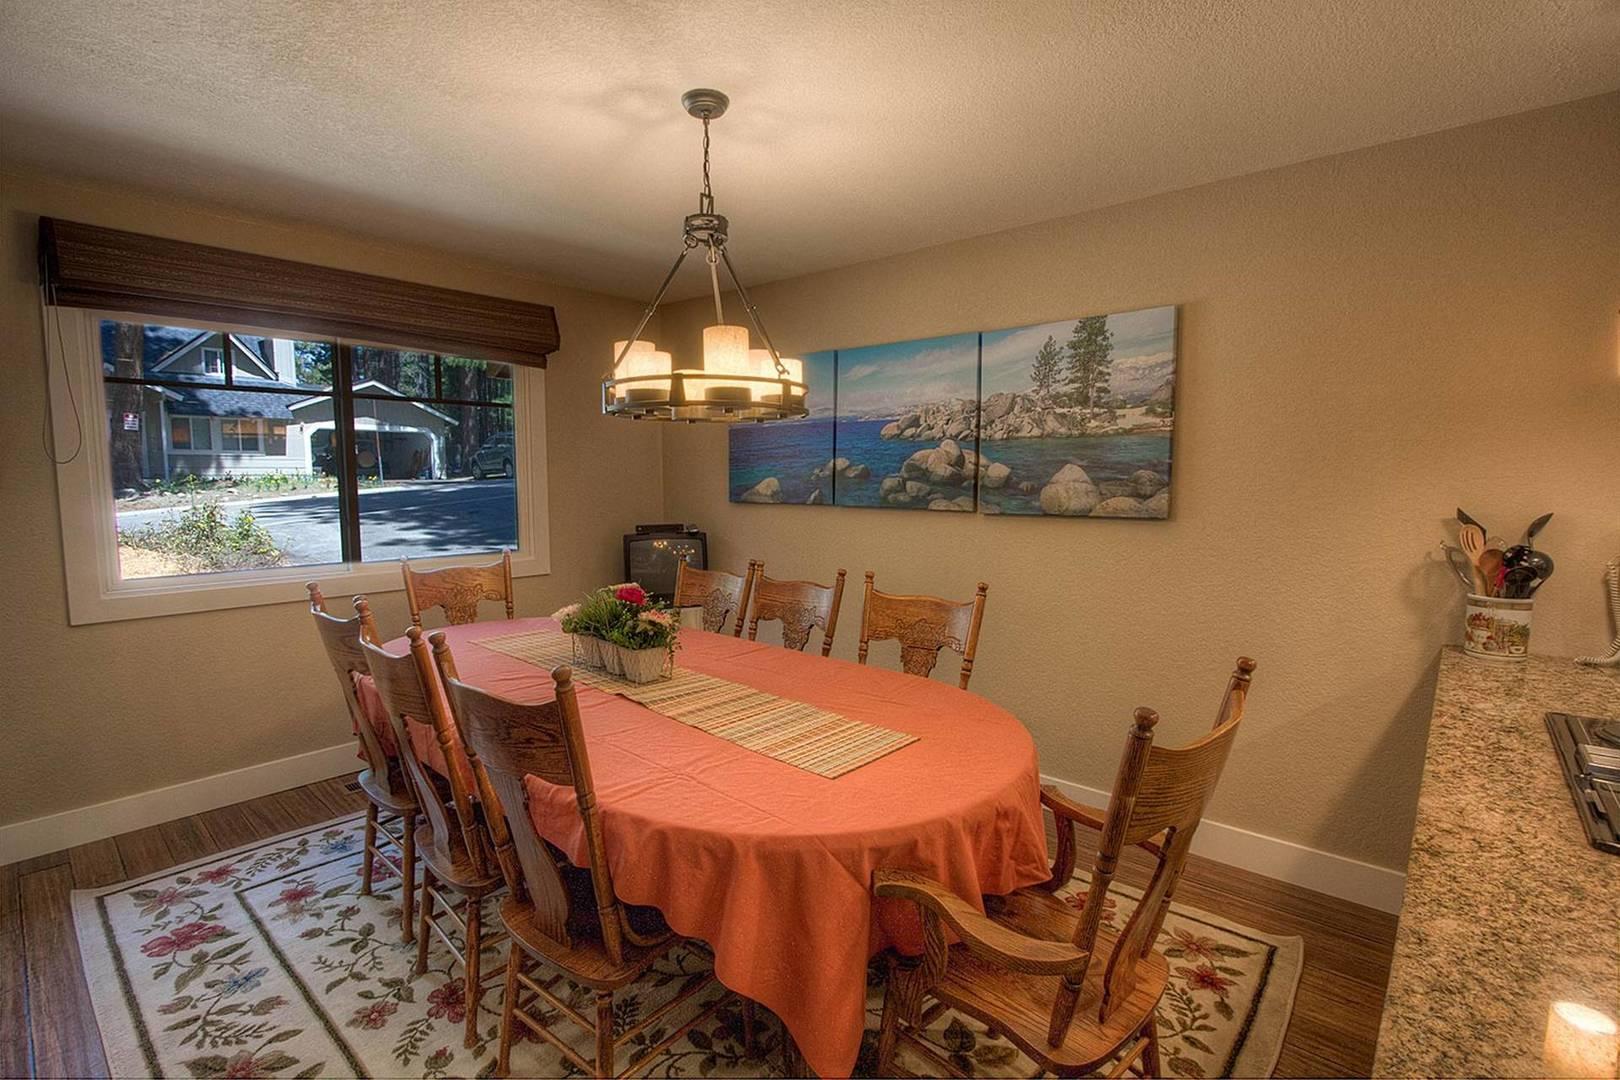 hch0682 dining room